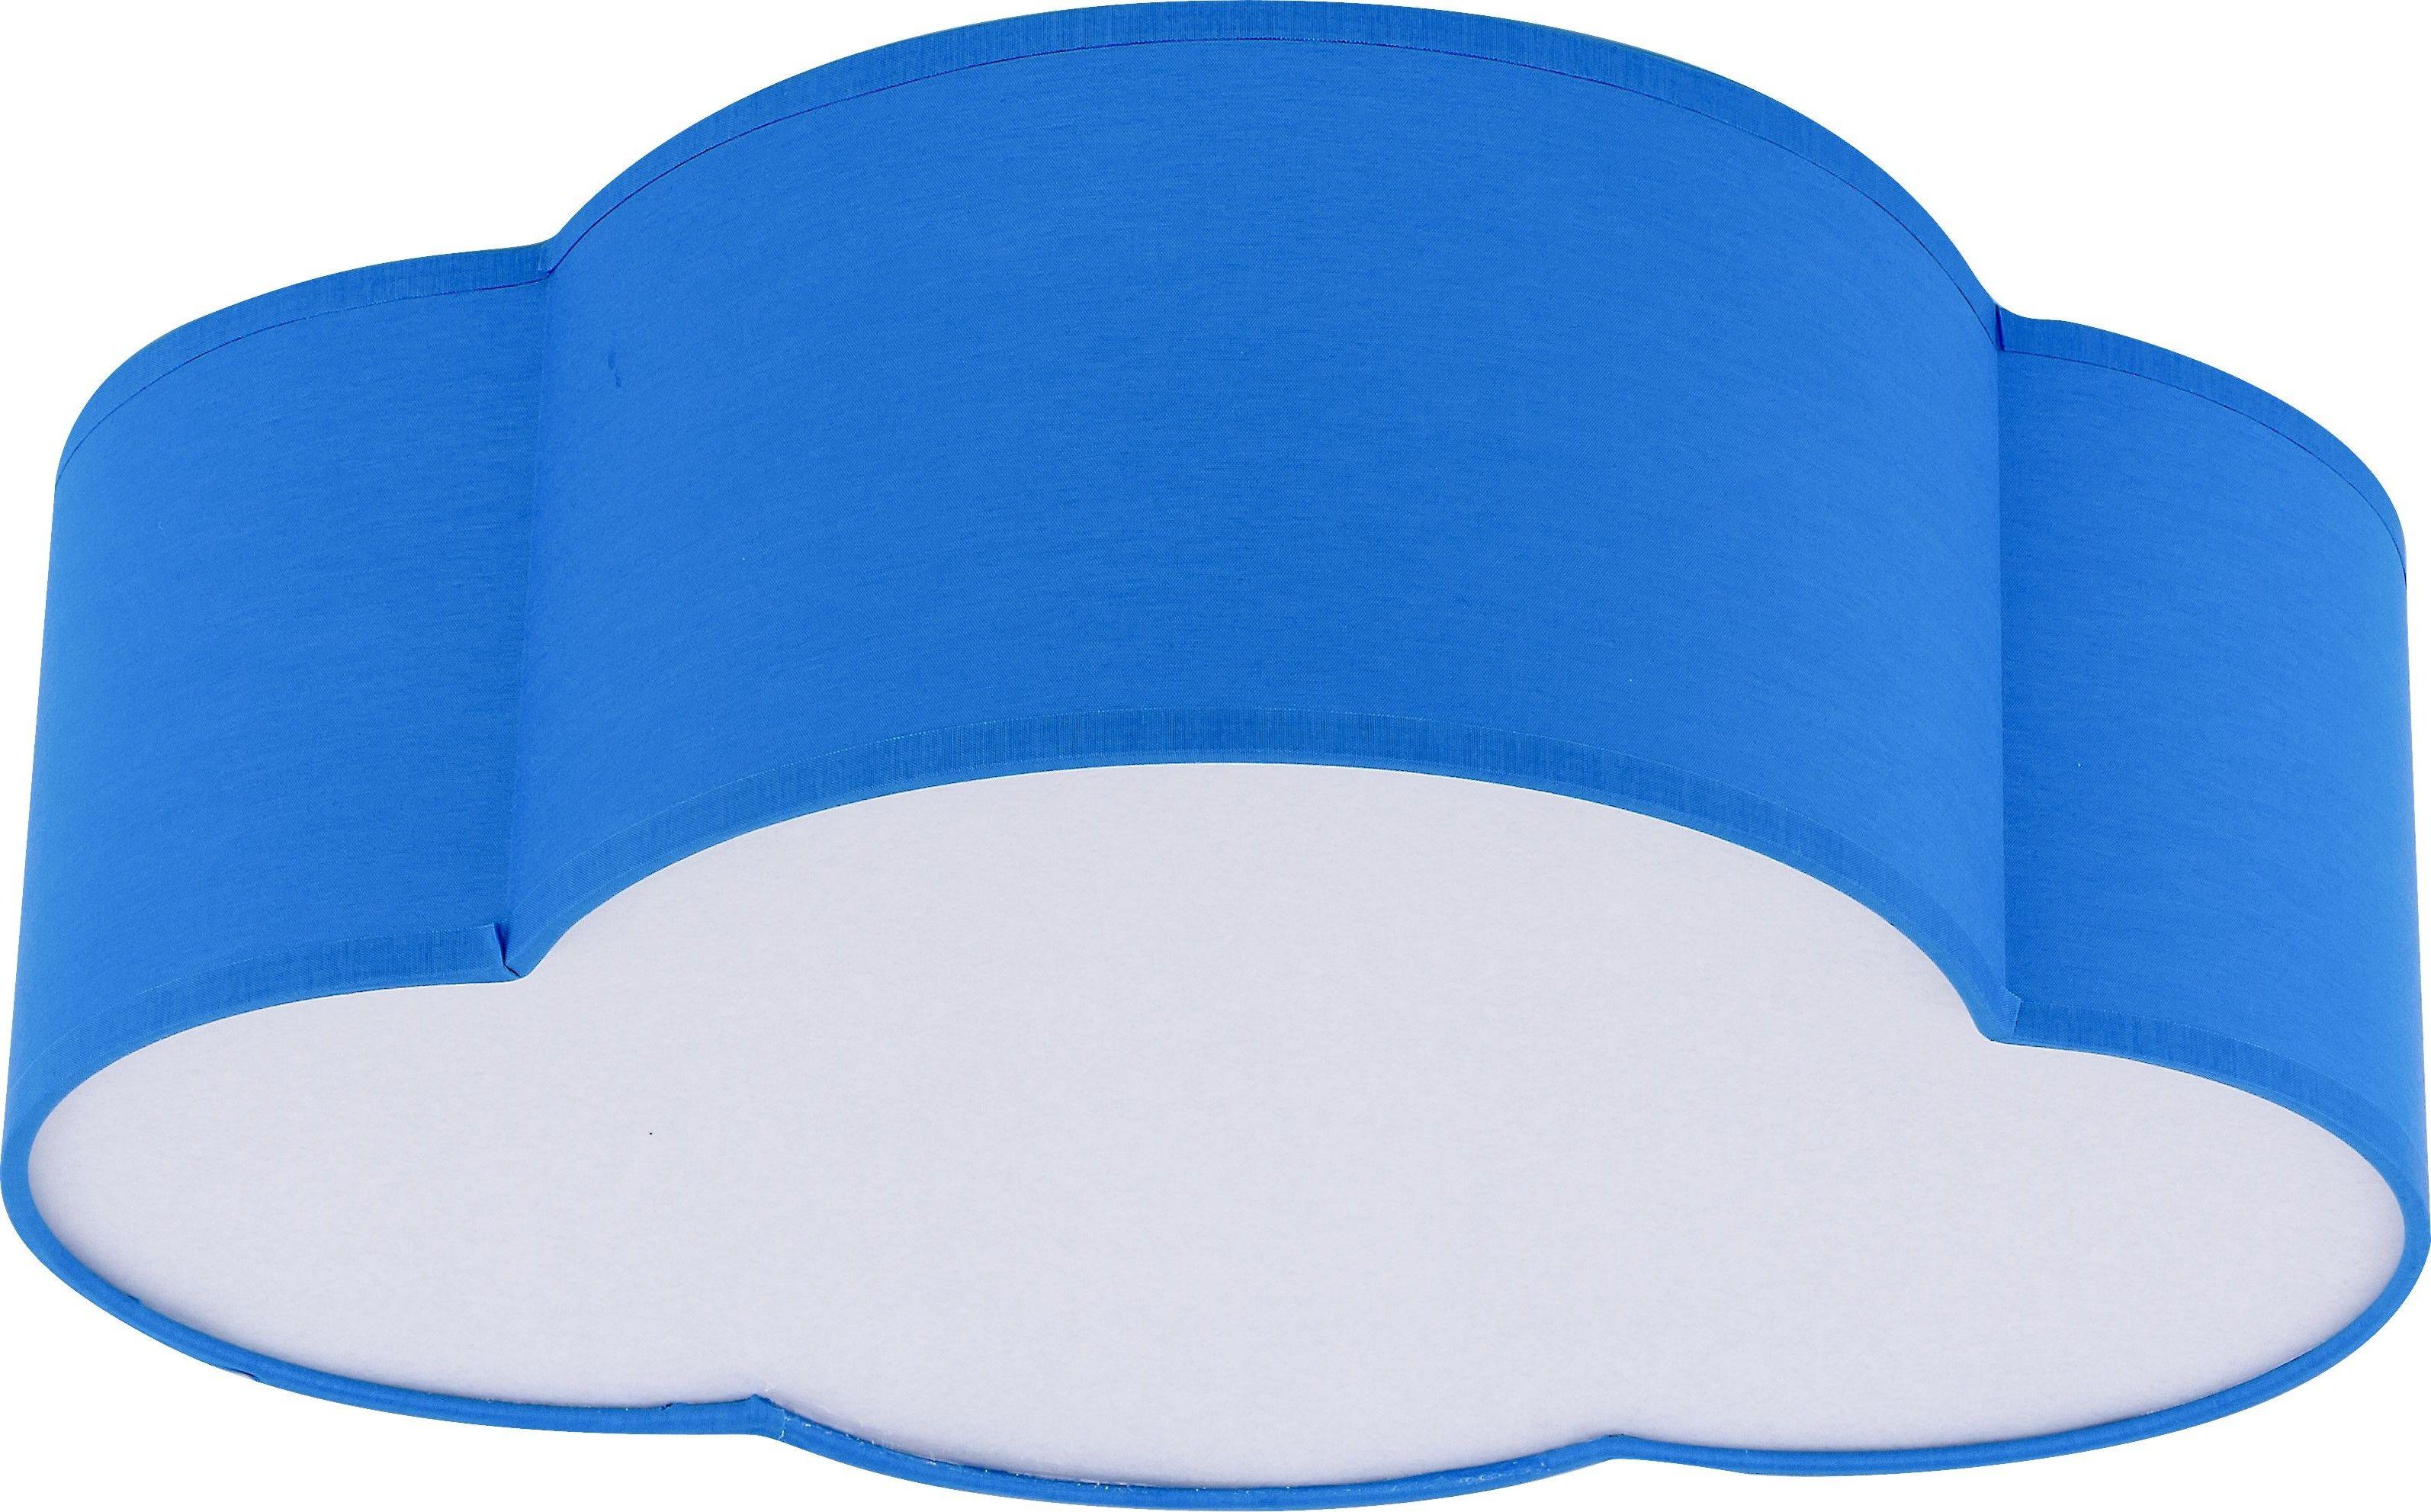 Plafon Cloud Mini 2 punktowy niebieski 4230 - TK Lighting // Rabaty w koszyku i darmowa dostawa od 299zł !